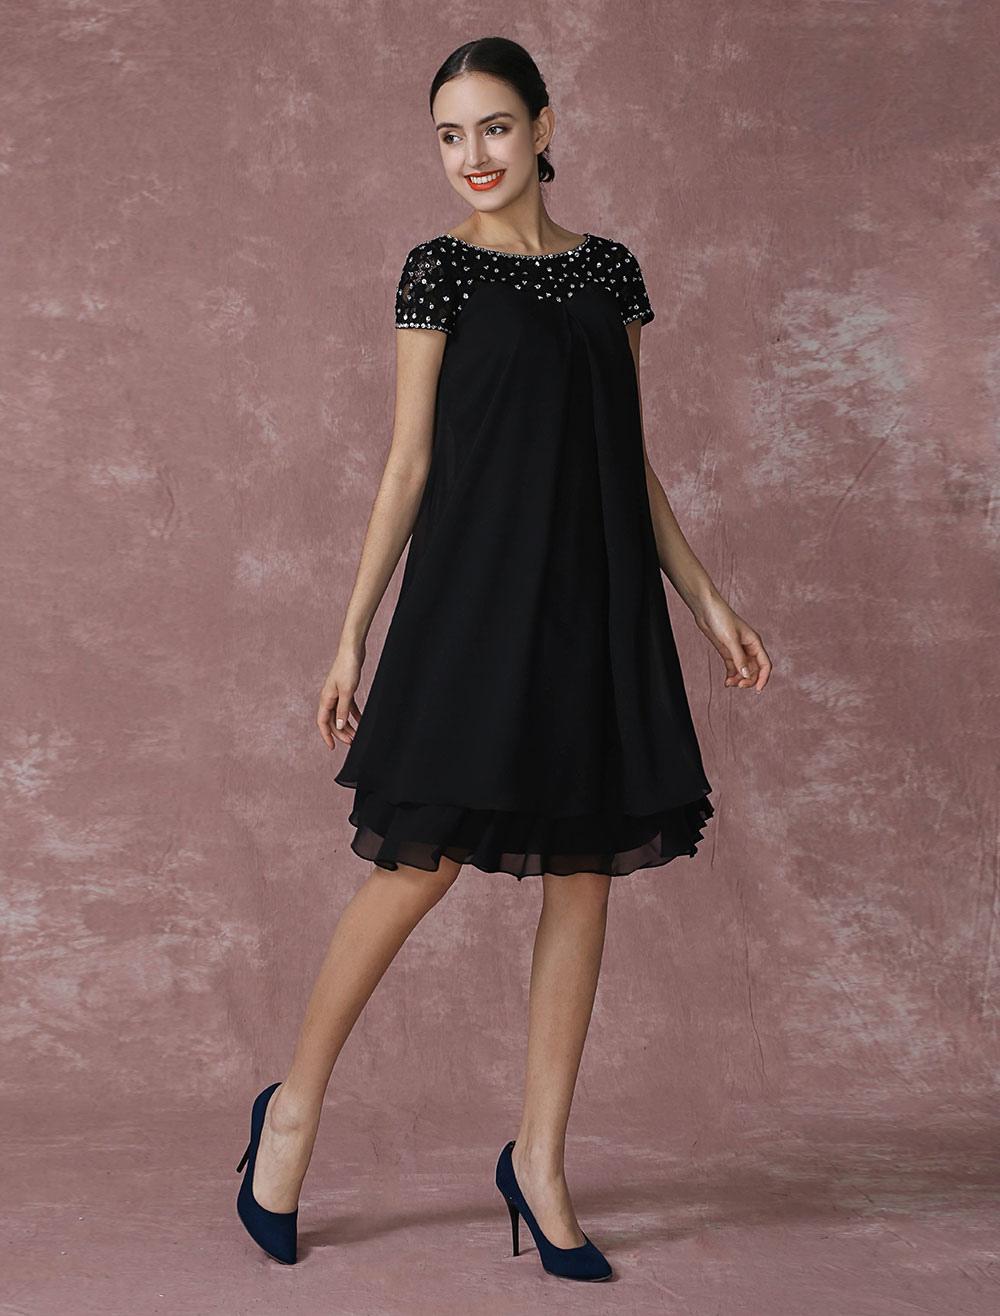 G nstige brautmutterkleider kleider f r brautmutter - Kleider milanoo ...